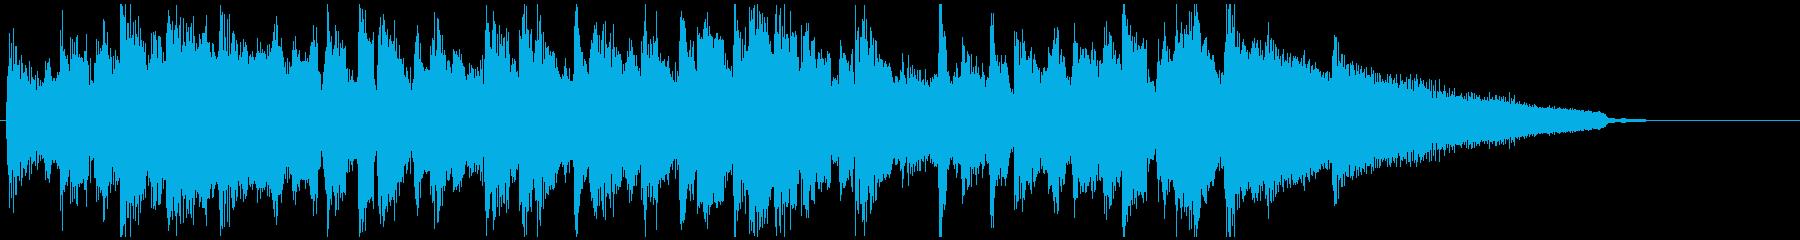 さっぱり&少し哀愁系◆CM系15秒ジャズの再生済みの波形